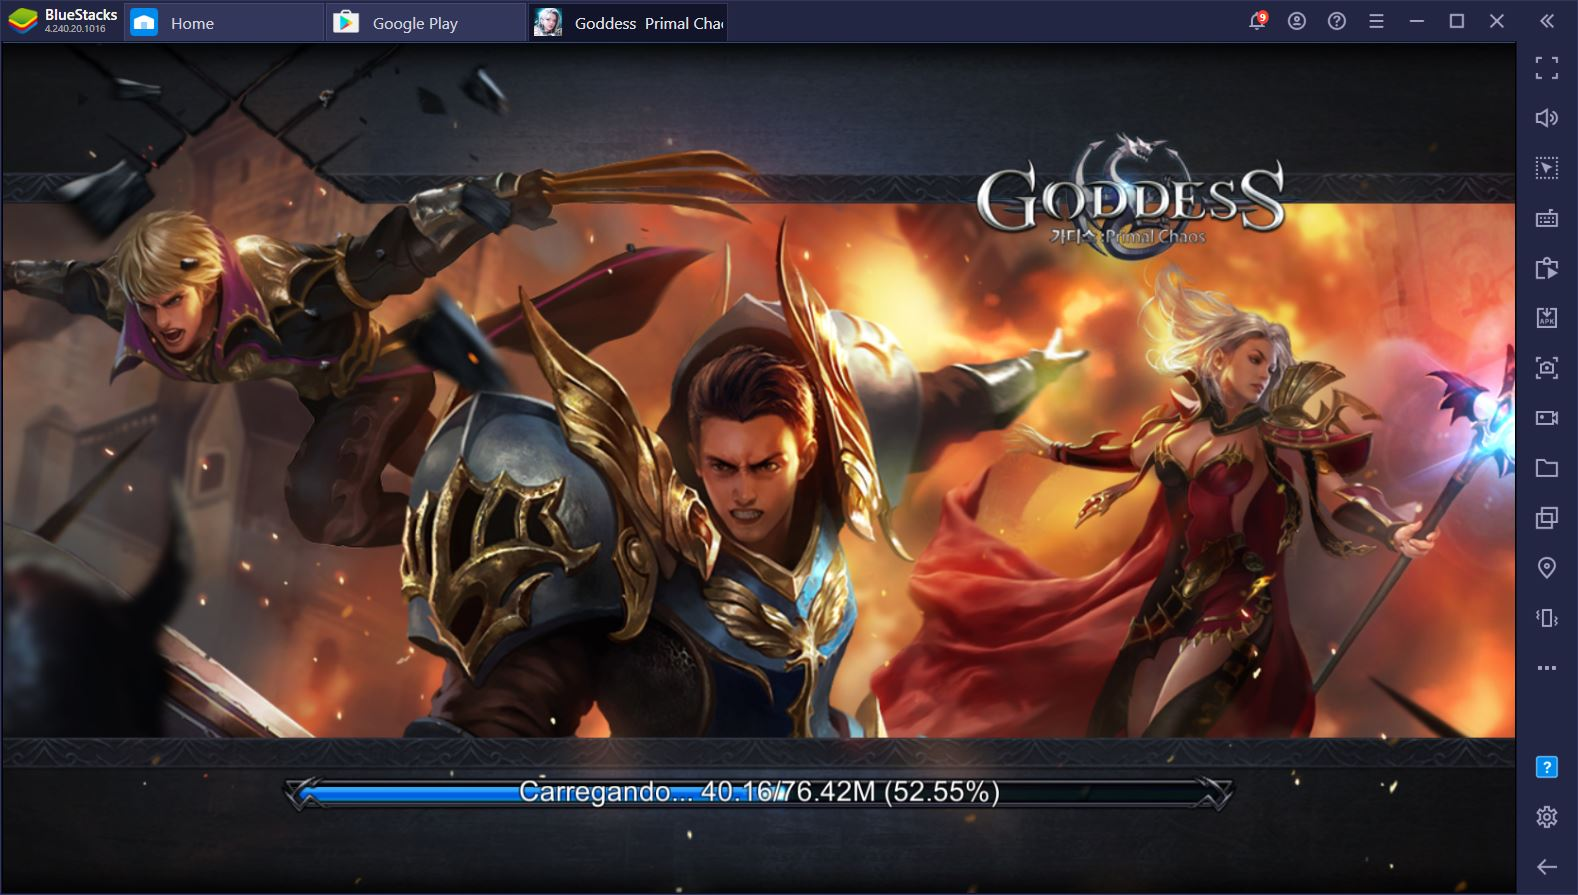 Como funcionam os heróis e as classes de personagens no Goddess: Primal Chaos